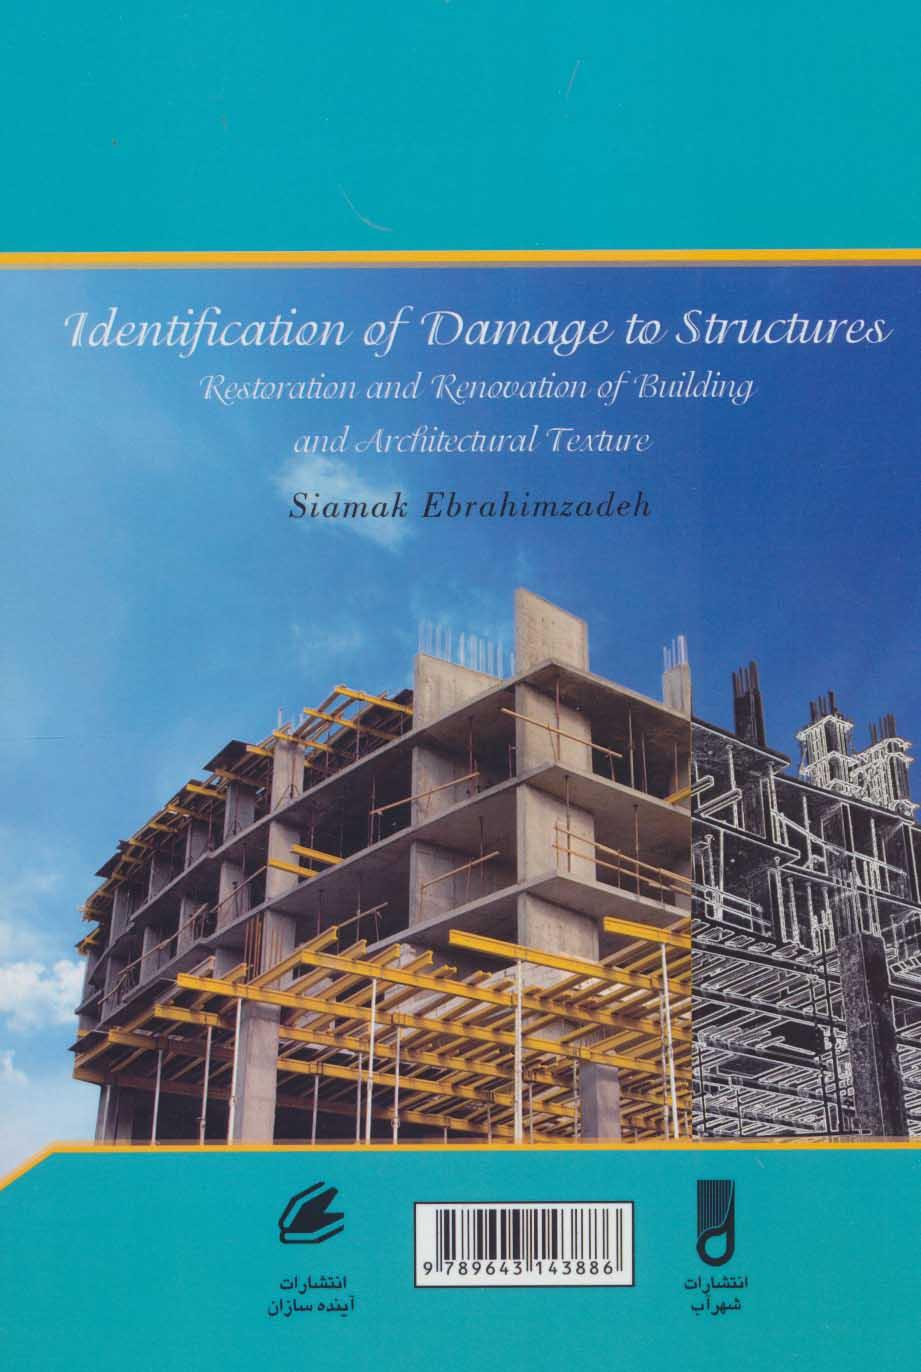 شناسایی آسیب های وارده به سازه ها 1 (مرمت و مقاوم سازی بناها و بافت های معماری)